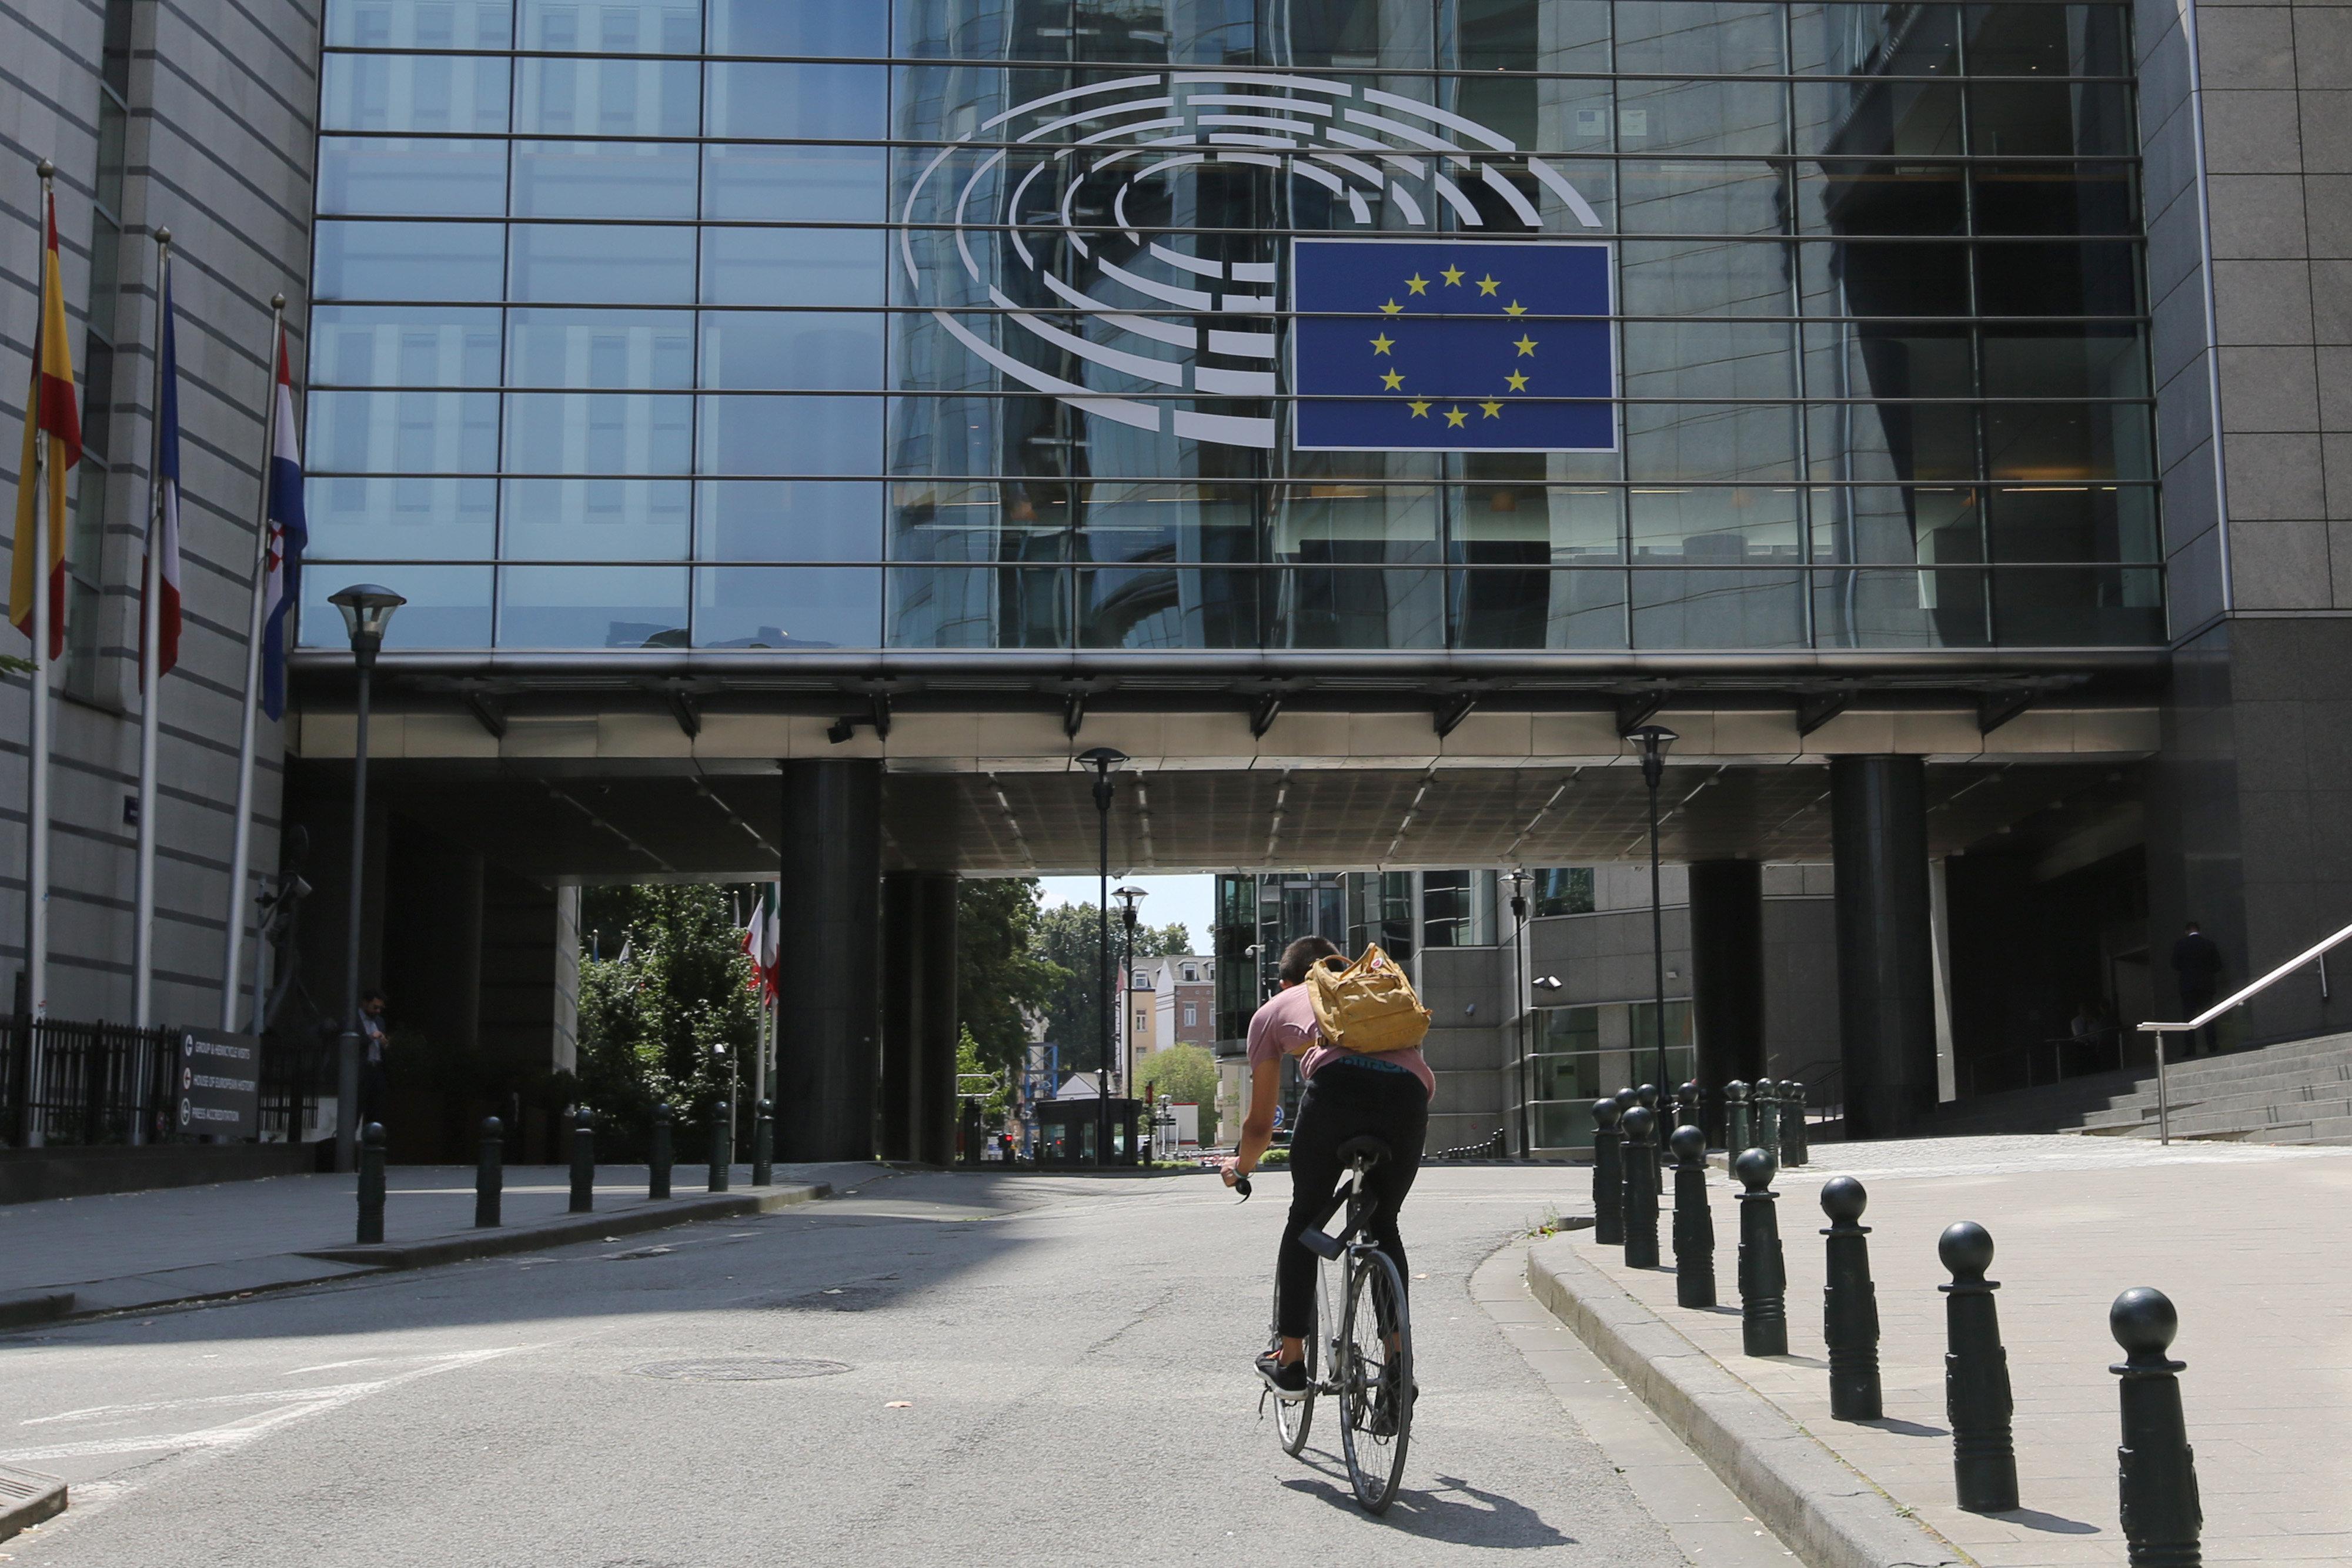 Ευρωομερτά: «Προσωπικό δεδομένο» πού ξοδεύουν οι ευρωβουλευτές 4.000 ευρώ/μήνα